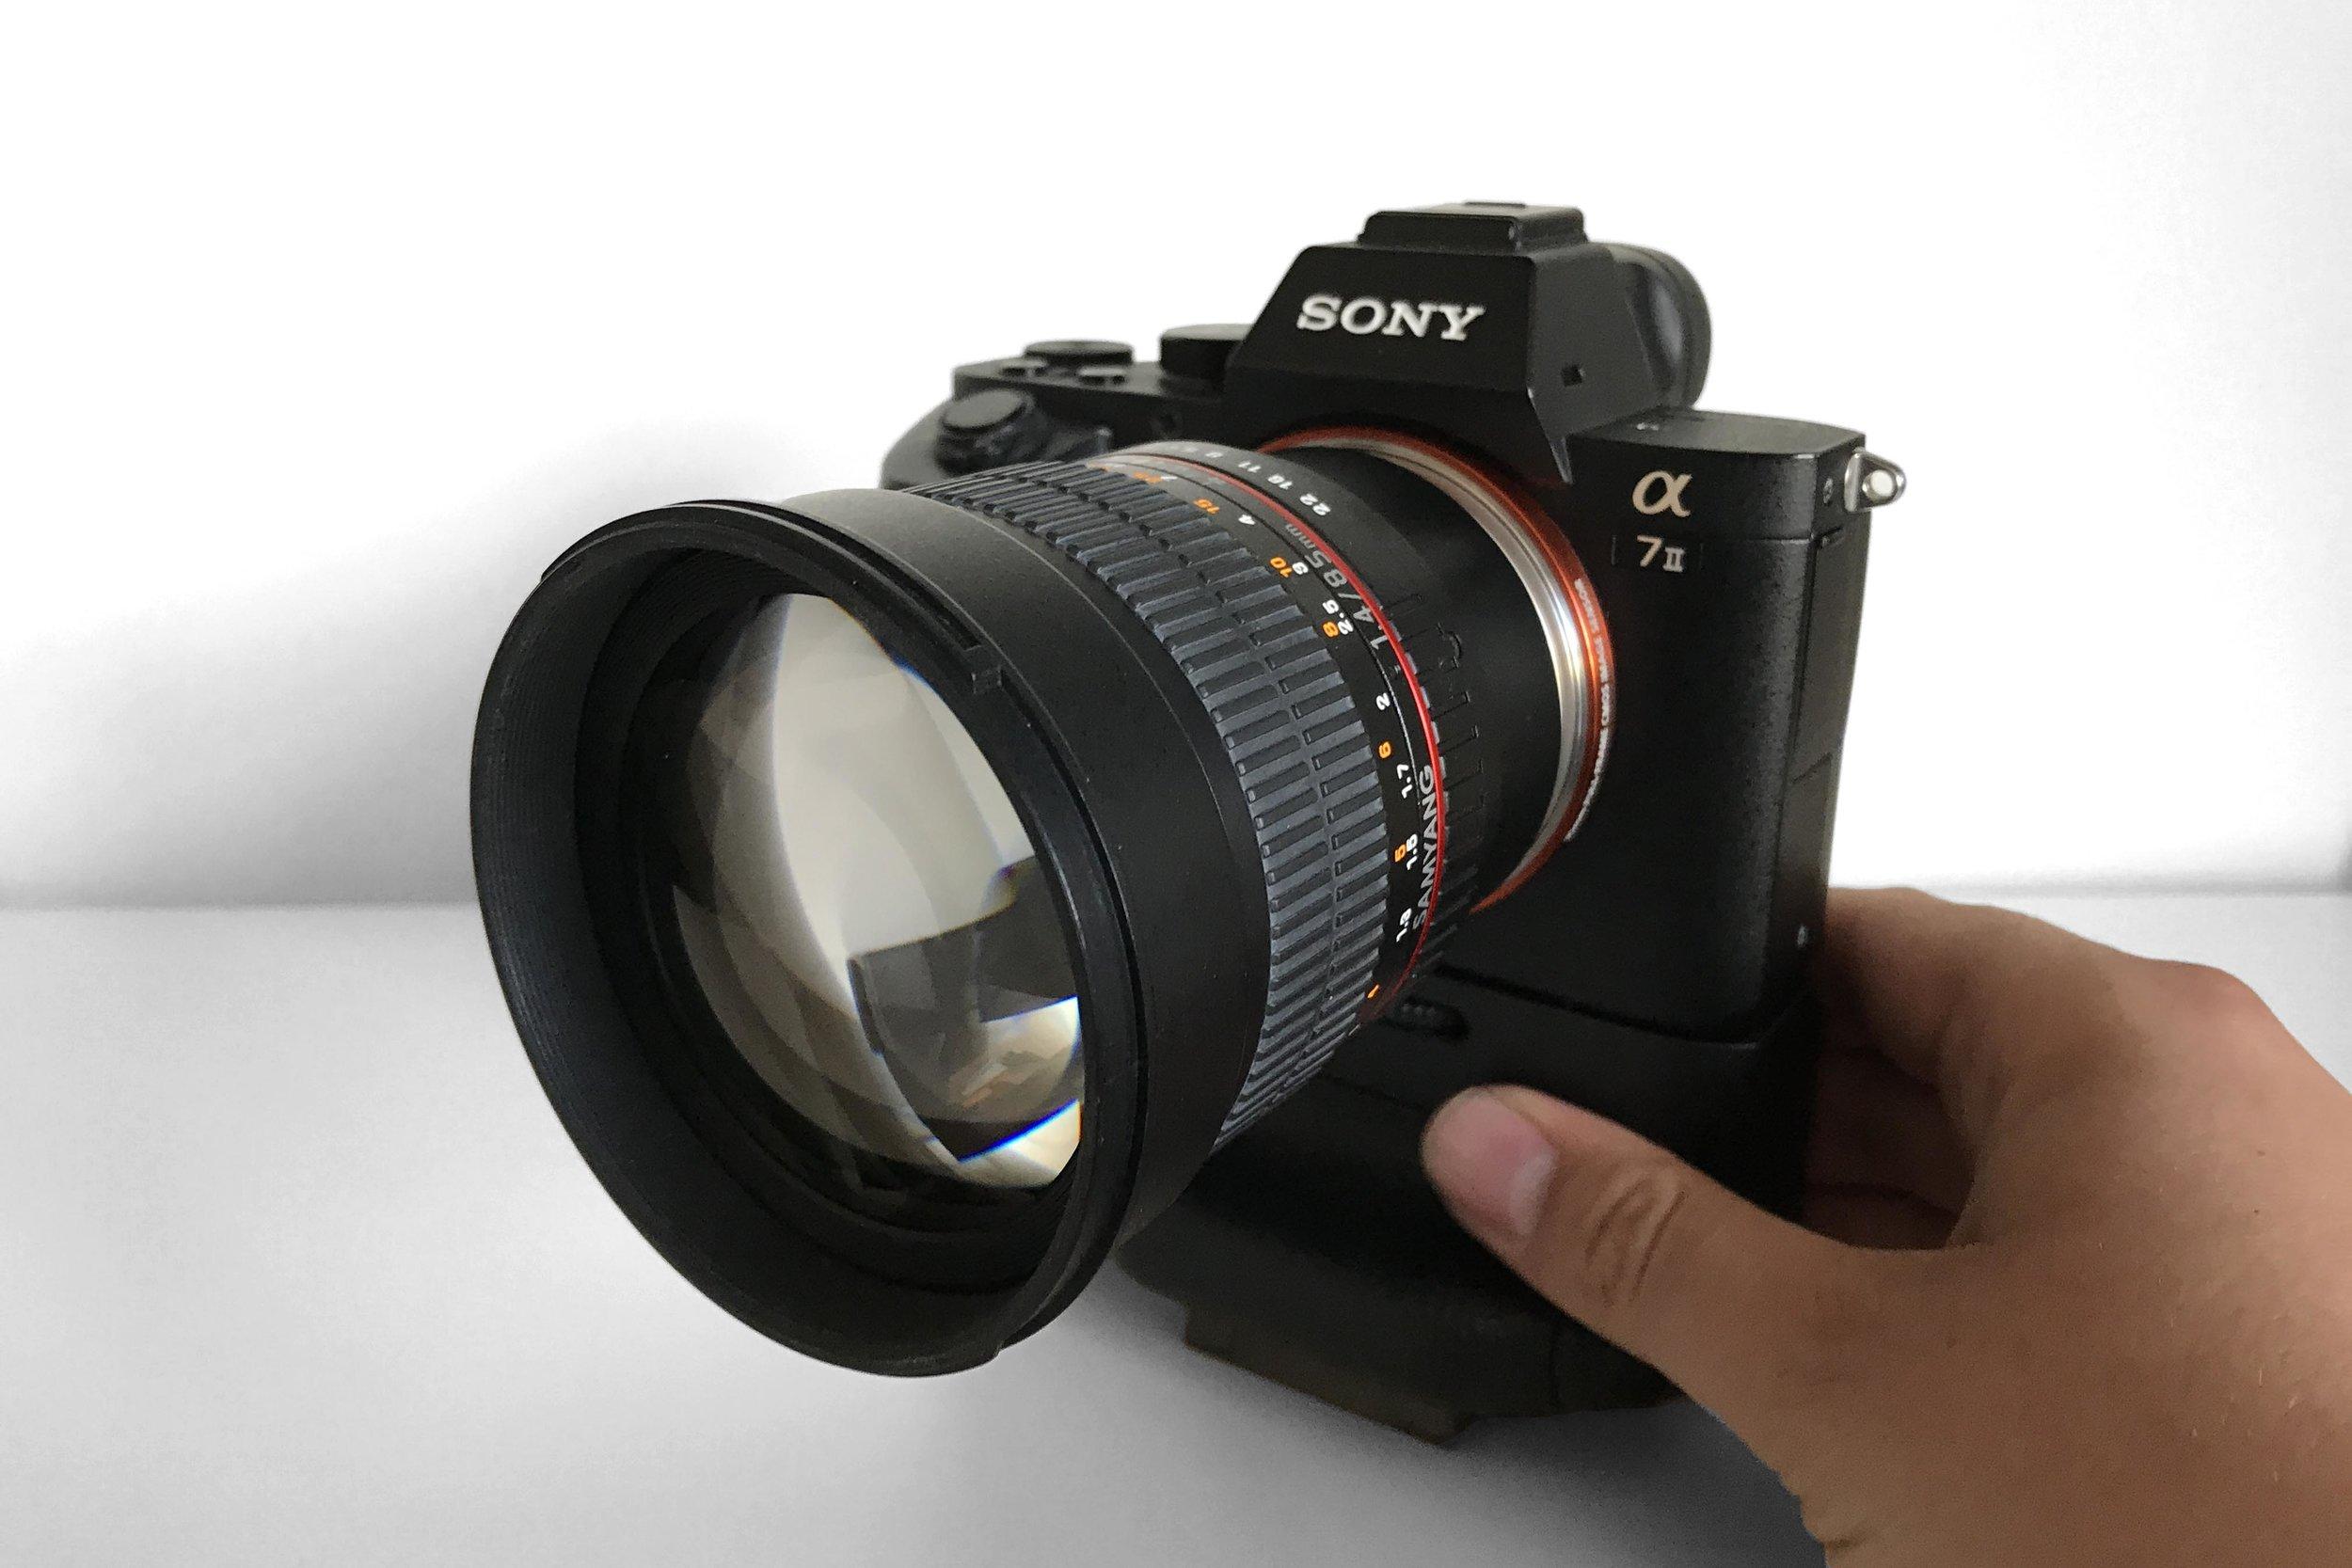 Samyang 85mm F1.4 for Sony E-Mount